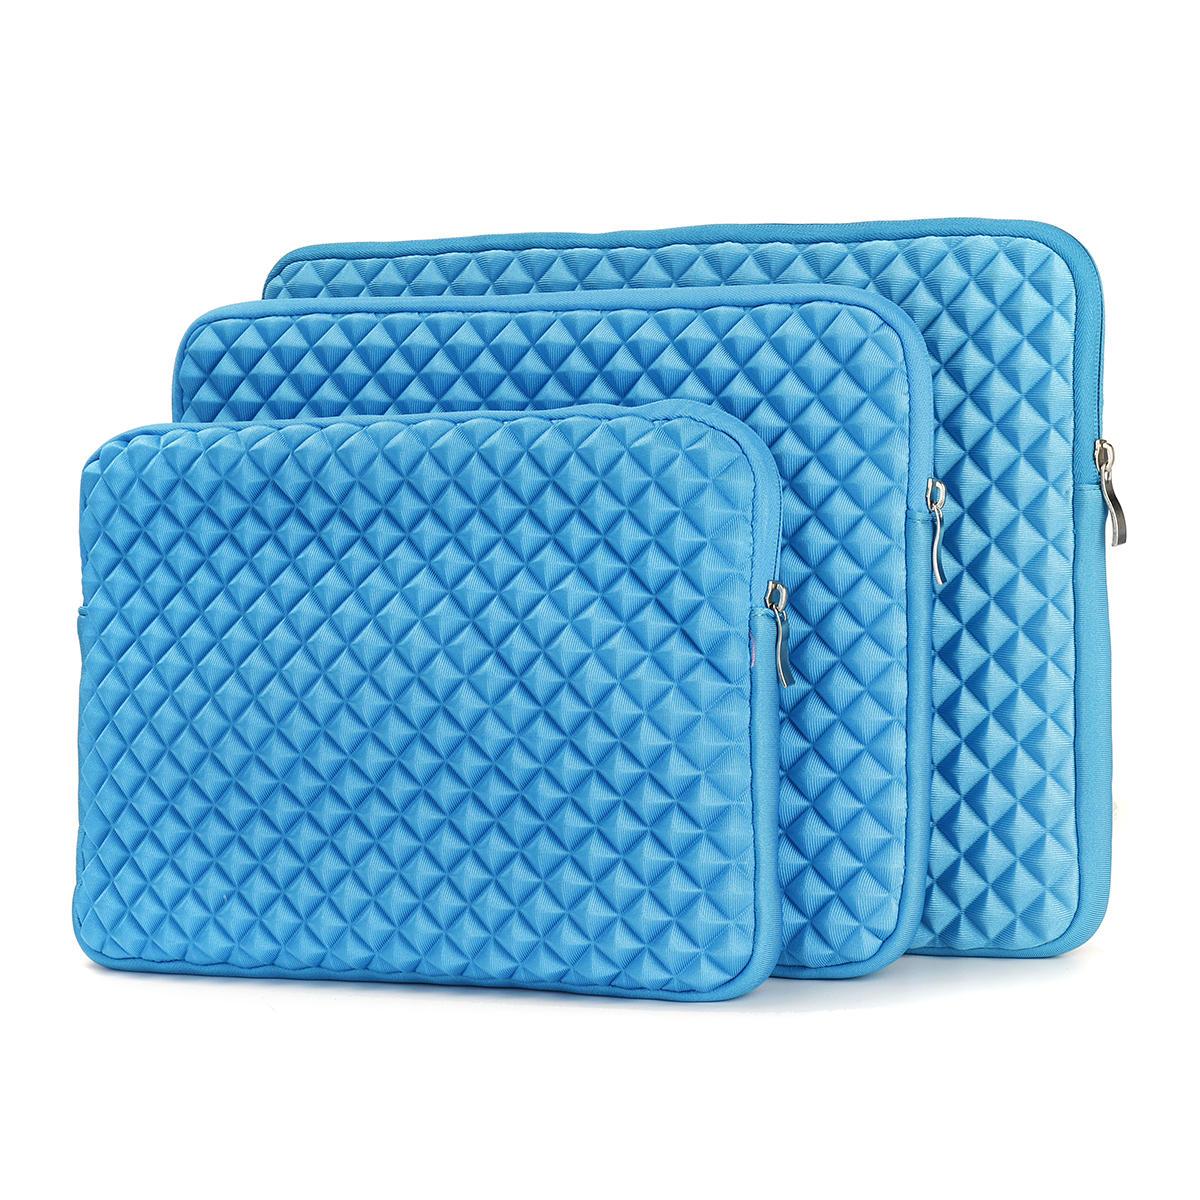 Støtsikker Dropproof Tablet Bag Laptop Veske til 12 tommers 13 tommers 14 tommer bærbar Tablet iPad Pro 12,9 tommers Macbook Air 13,3 tommers